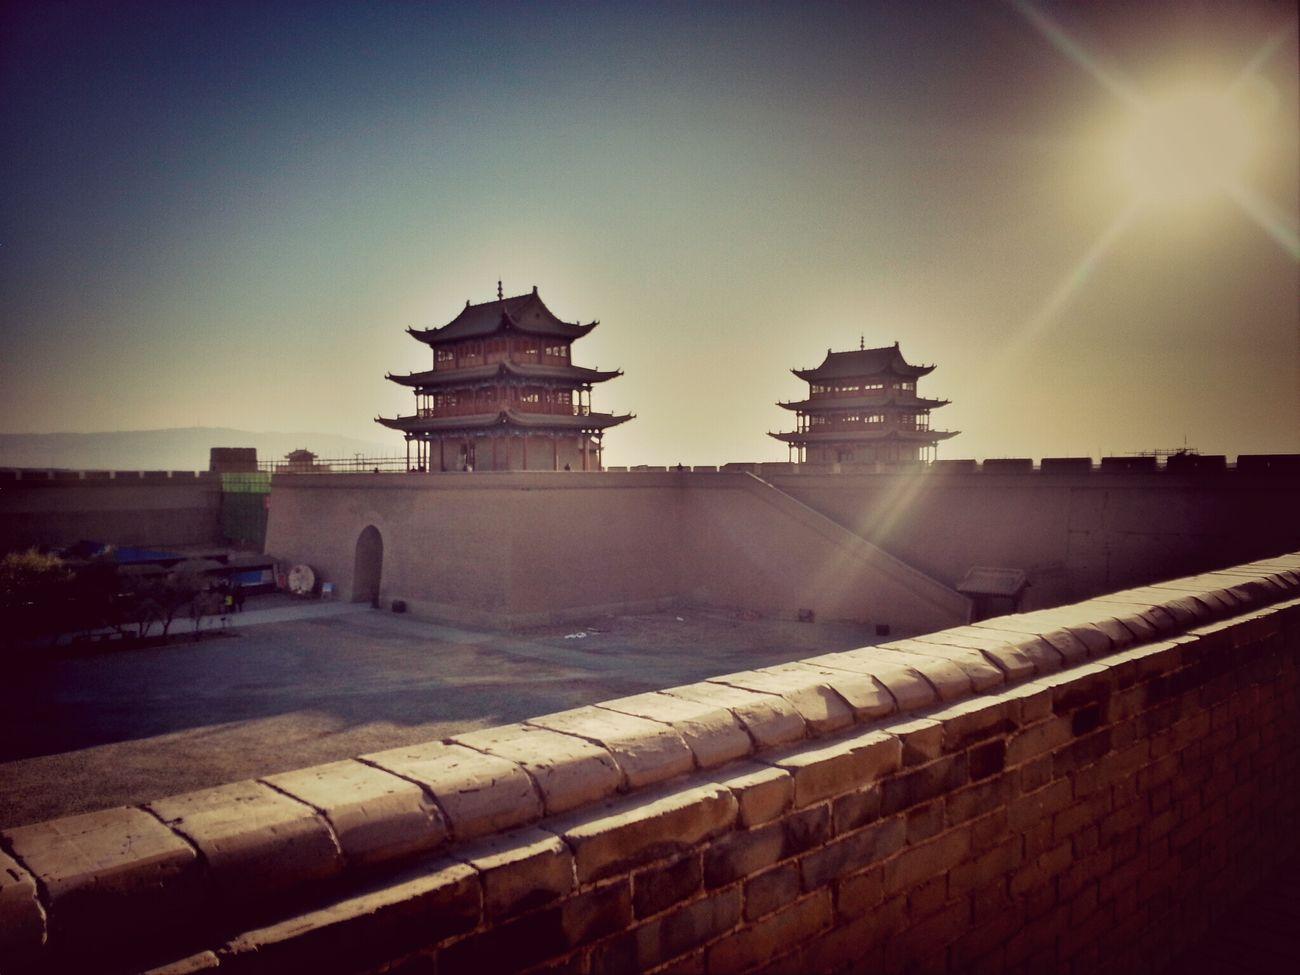 嘉峪關 Ancient City Taking Photos Silk Road